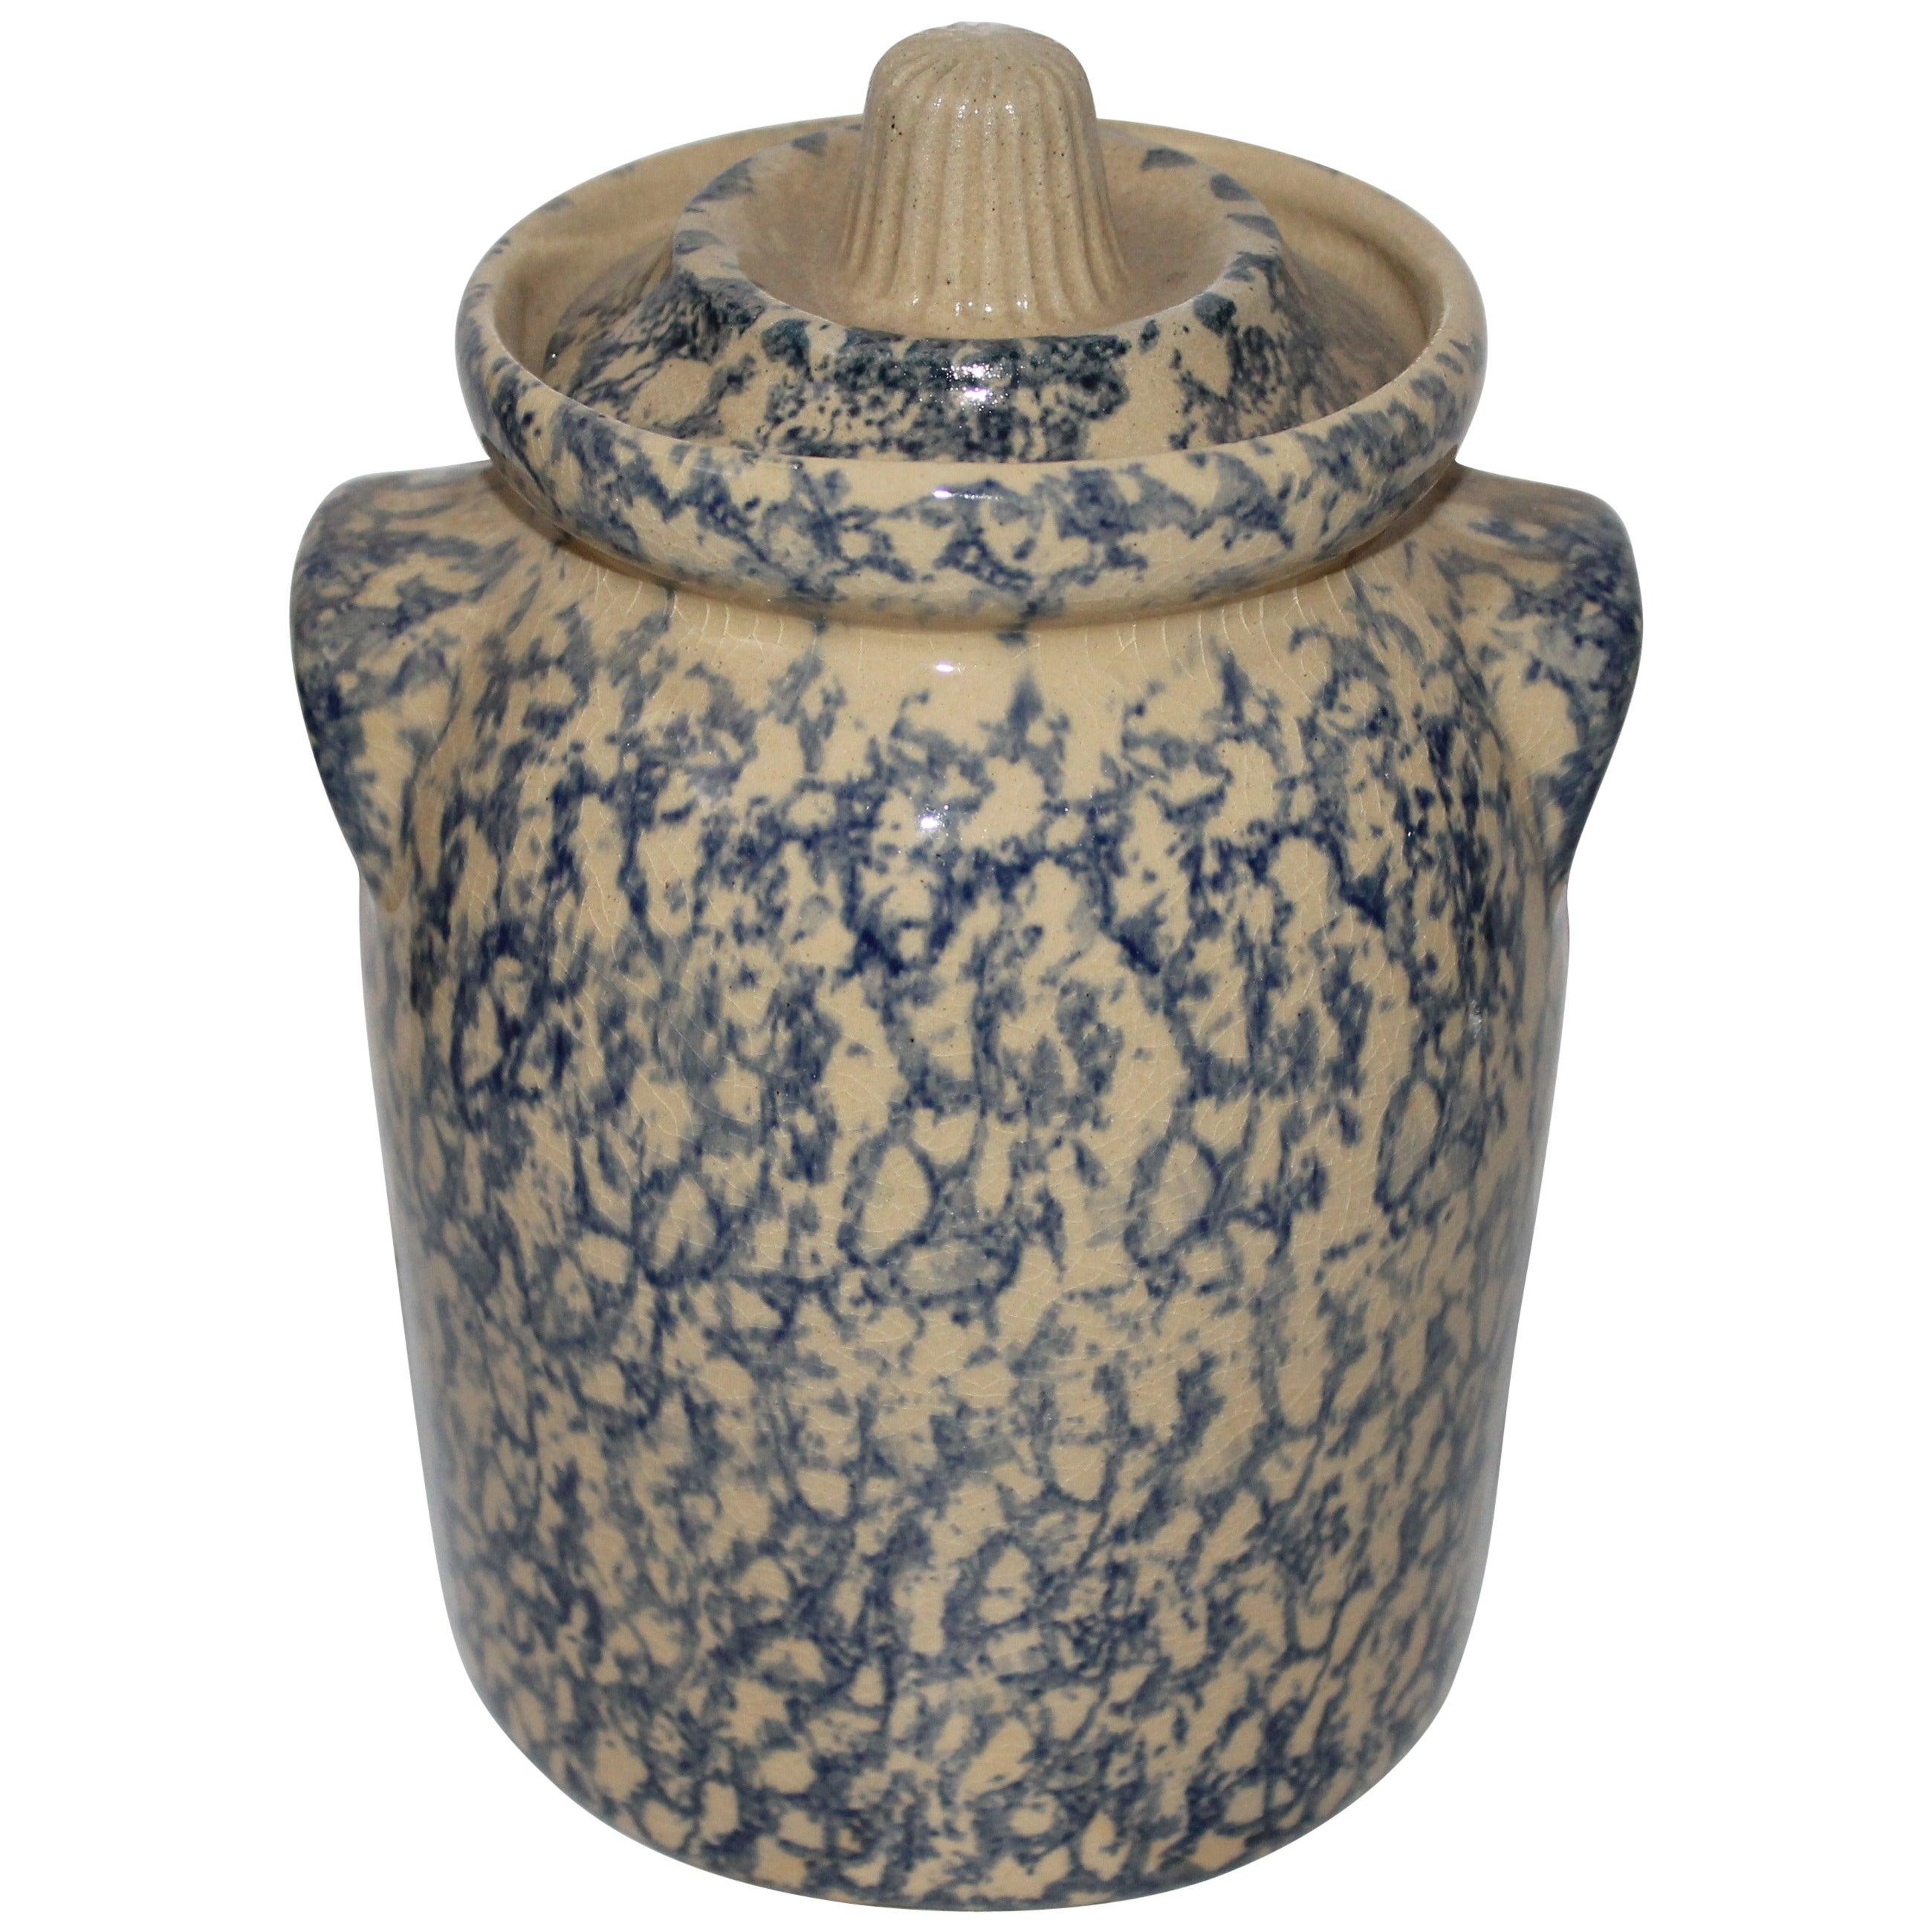 20th Century Ransbottom Cookie Jar